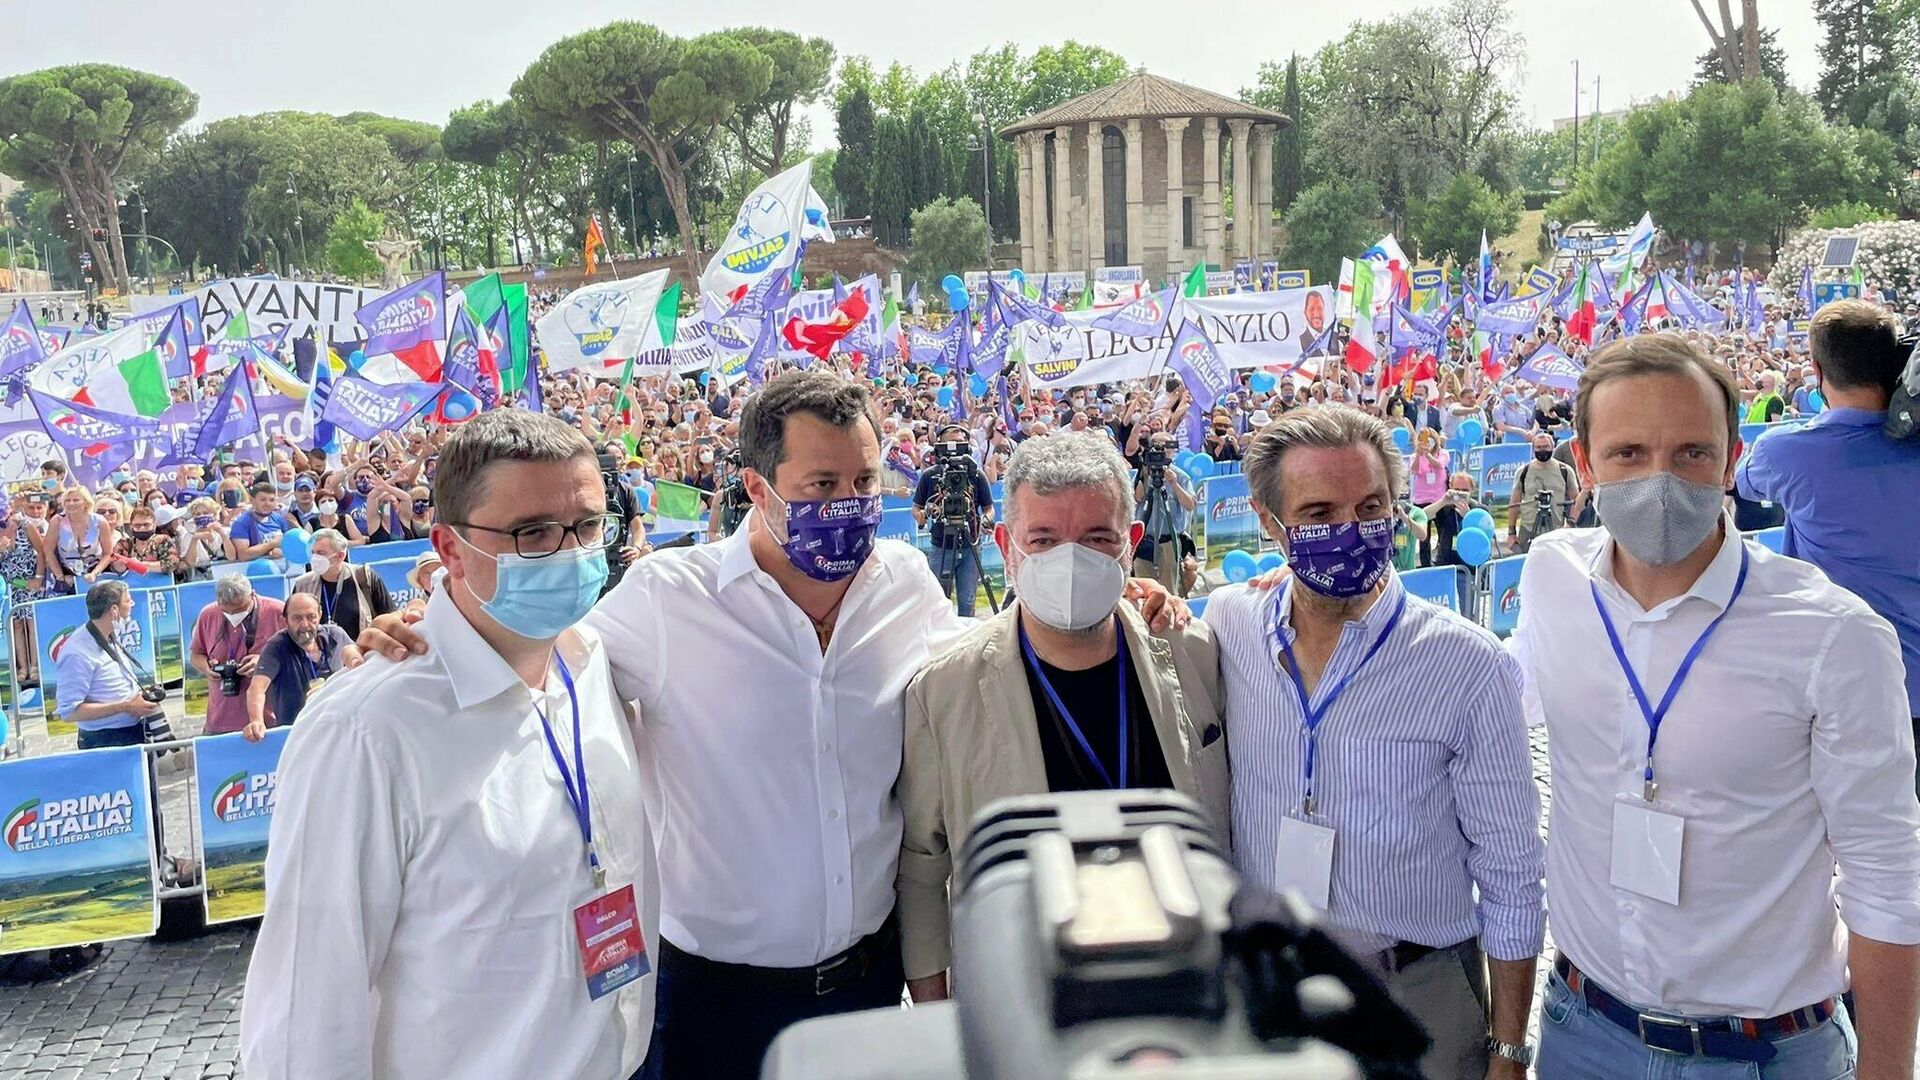 Matteo Salvini e i governatori della Lega - Sputnik Italia, 1920, 11.07.2021